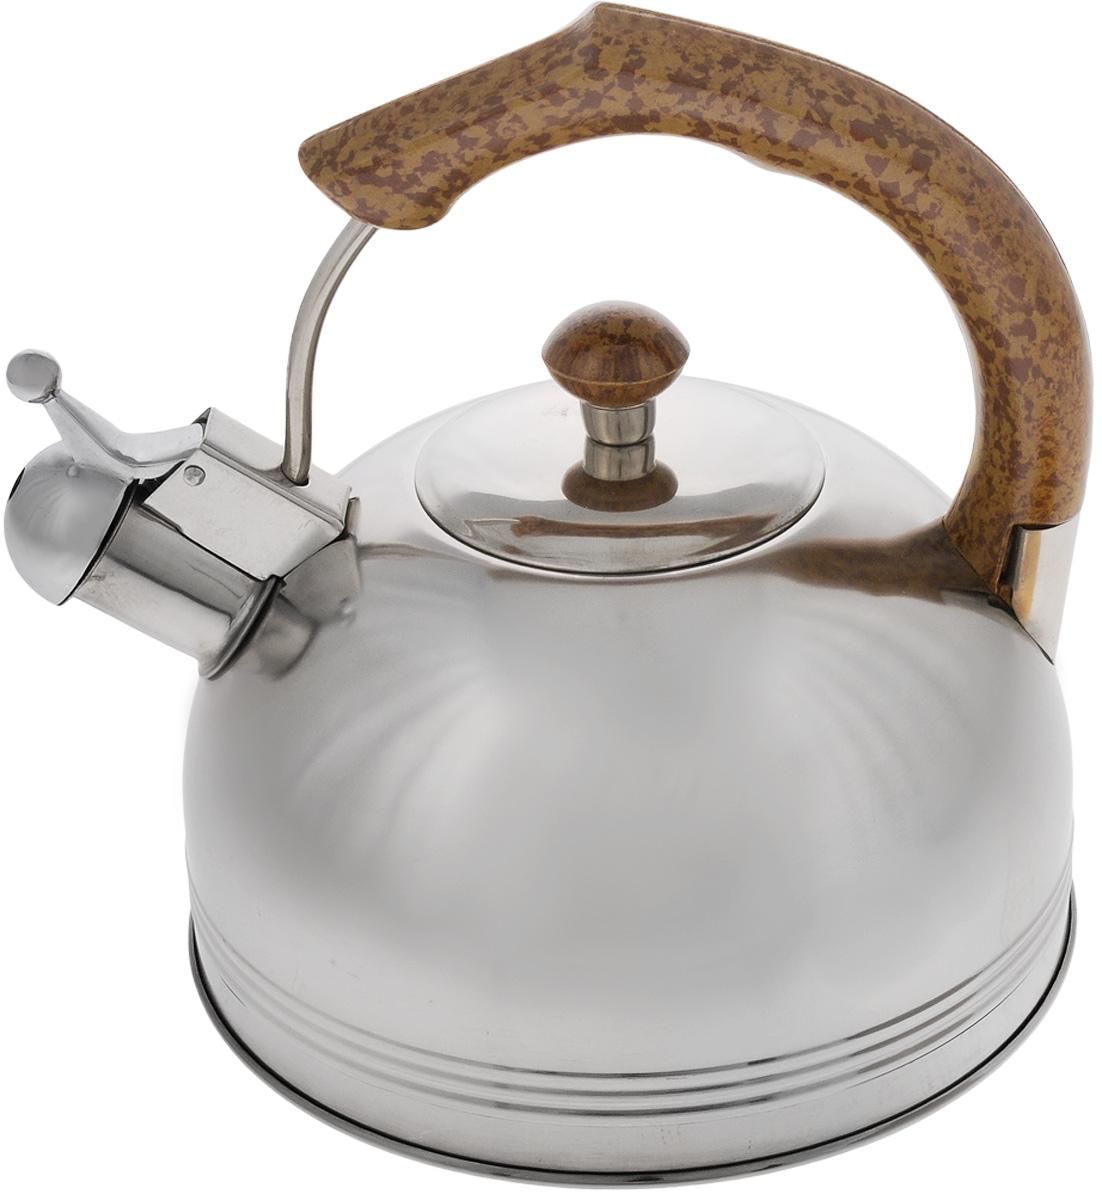 Чайник Mayer & Boch, со свистком, 3 л. 60876087Чайник Mayer & Boch выполнен из высококачественной нержавеющей стали, что делает его весьма гигиеничным и устойчивым к износу при длительном использовании. Капсулированное дно с прослойкой из алюминия обеспечивает наилучшее распределение тепла. Носик чайника оснащен насадкой-свистком, что позволит вам контролировать процесс подогрева или кипячения воды. Фиксированная ручка, изготовленная из бакелита в цвет дерева, делает использование чайника очень удобным и безопасным. Поверхность чайника гладкая, что облегчает уход за ним. Эстетичный и функциональный, с эксклюзивным дизайном, чайник будет оригинально смотреться в любом интерьере. Подходит для всех типов плит, кроме индукционных. Можно мыть в посудомоечной машине. Высота чайника (без учета ручки и крышки): 11,5 см. Высота чайника (с учетом ручки): 22 см. Диаметр чайника (по верхнему краю): 8,5 см.